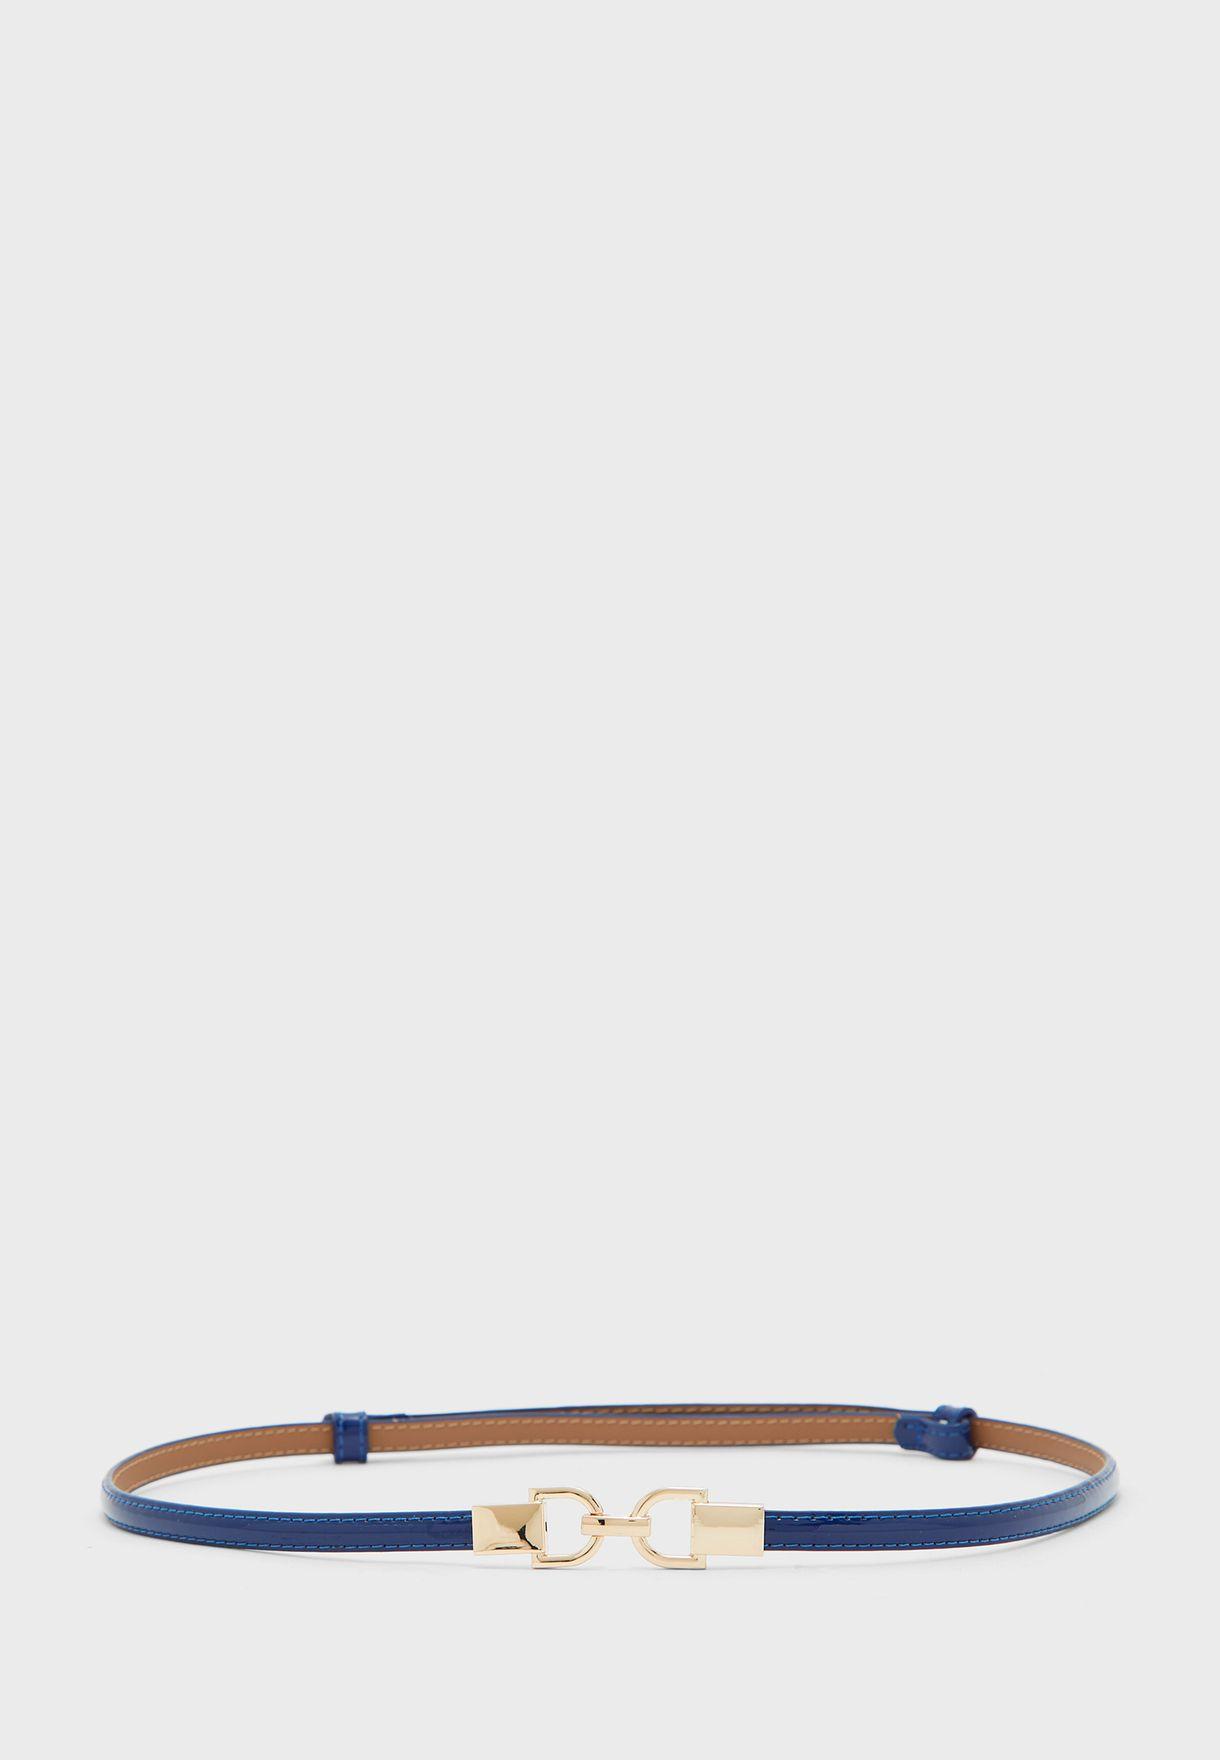 Leather Double Wrap Patent Waist Belt